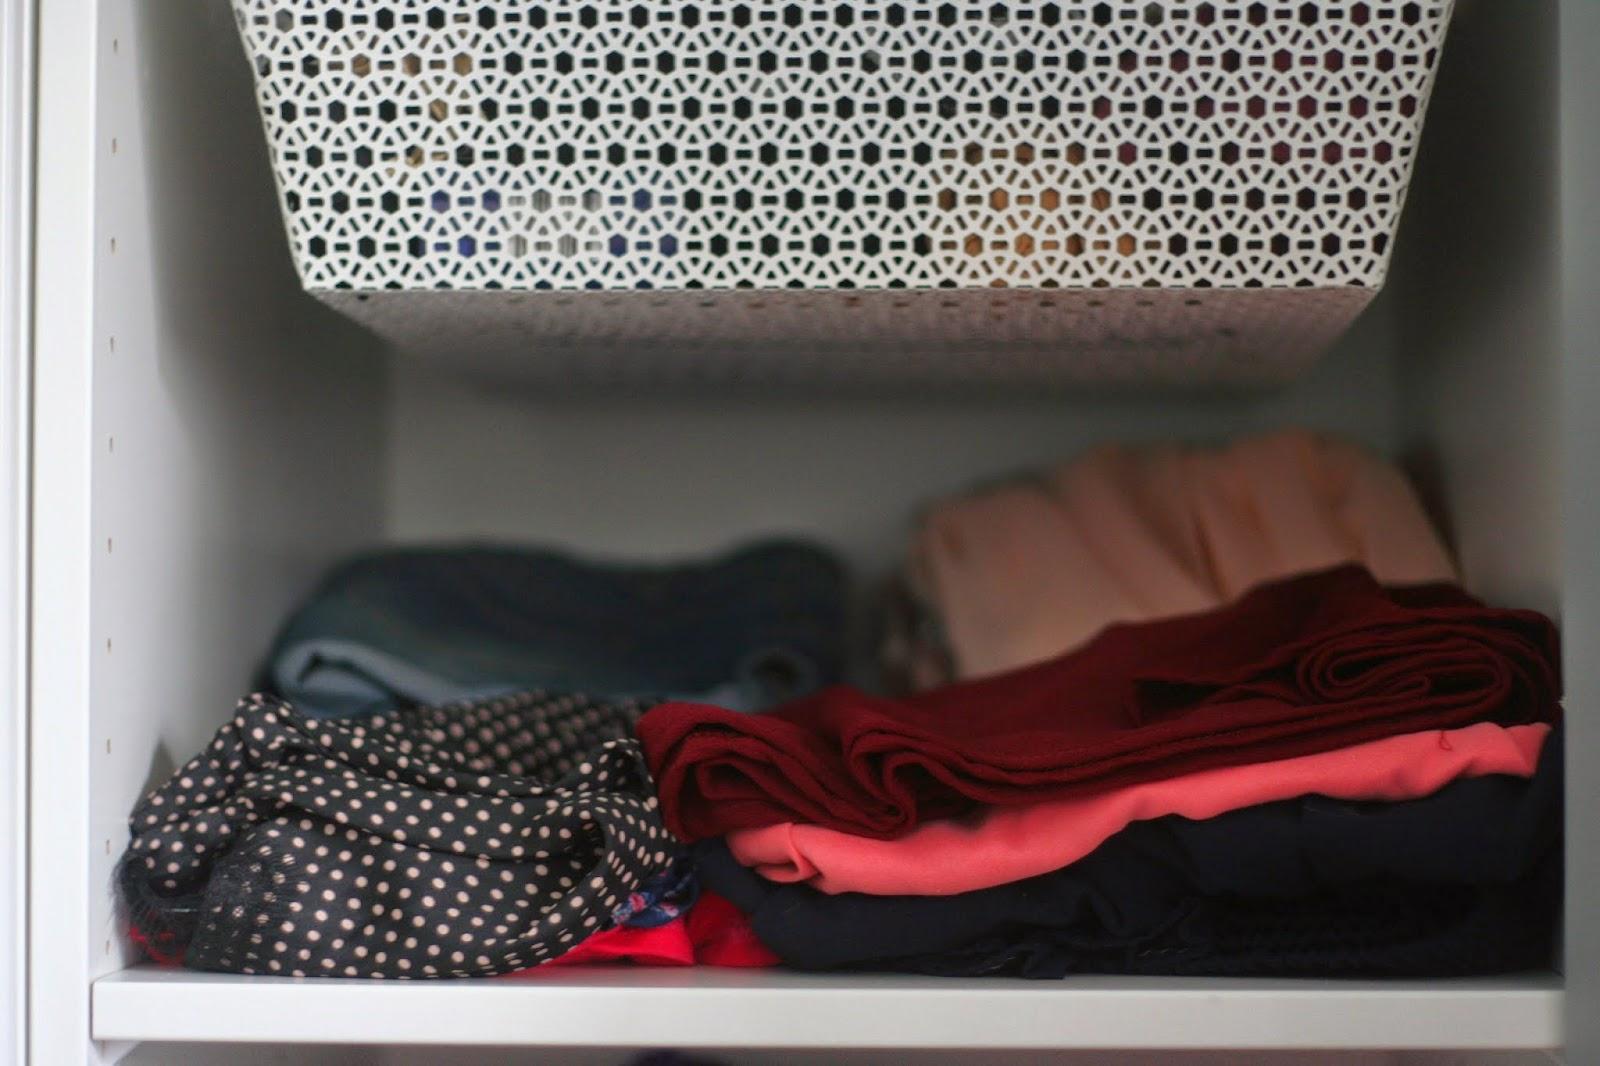 Garderobe Outfits Stil günstig auffrischen aufpeppen Tipps Modeblog